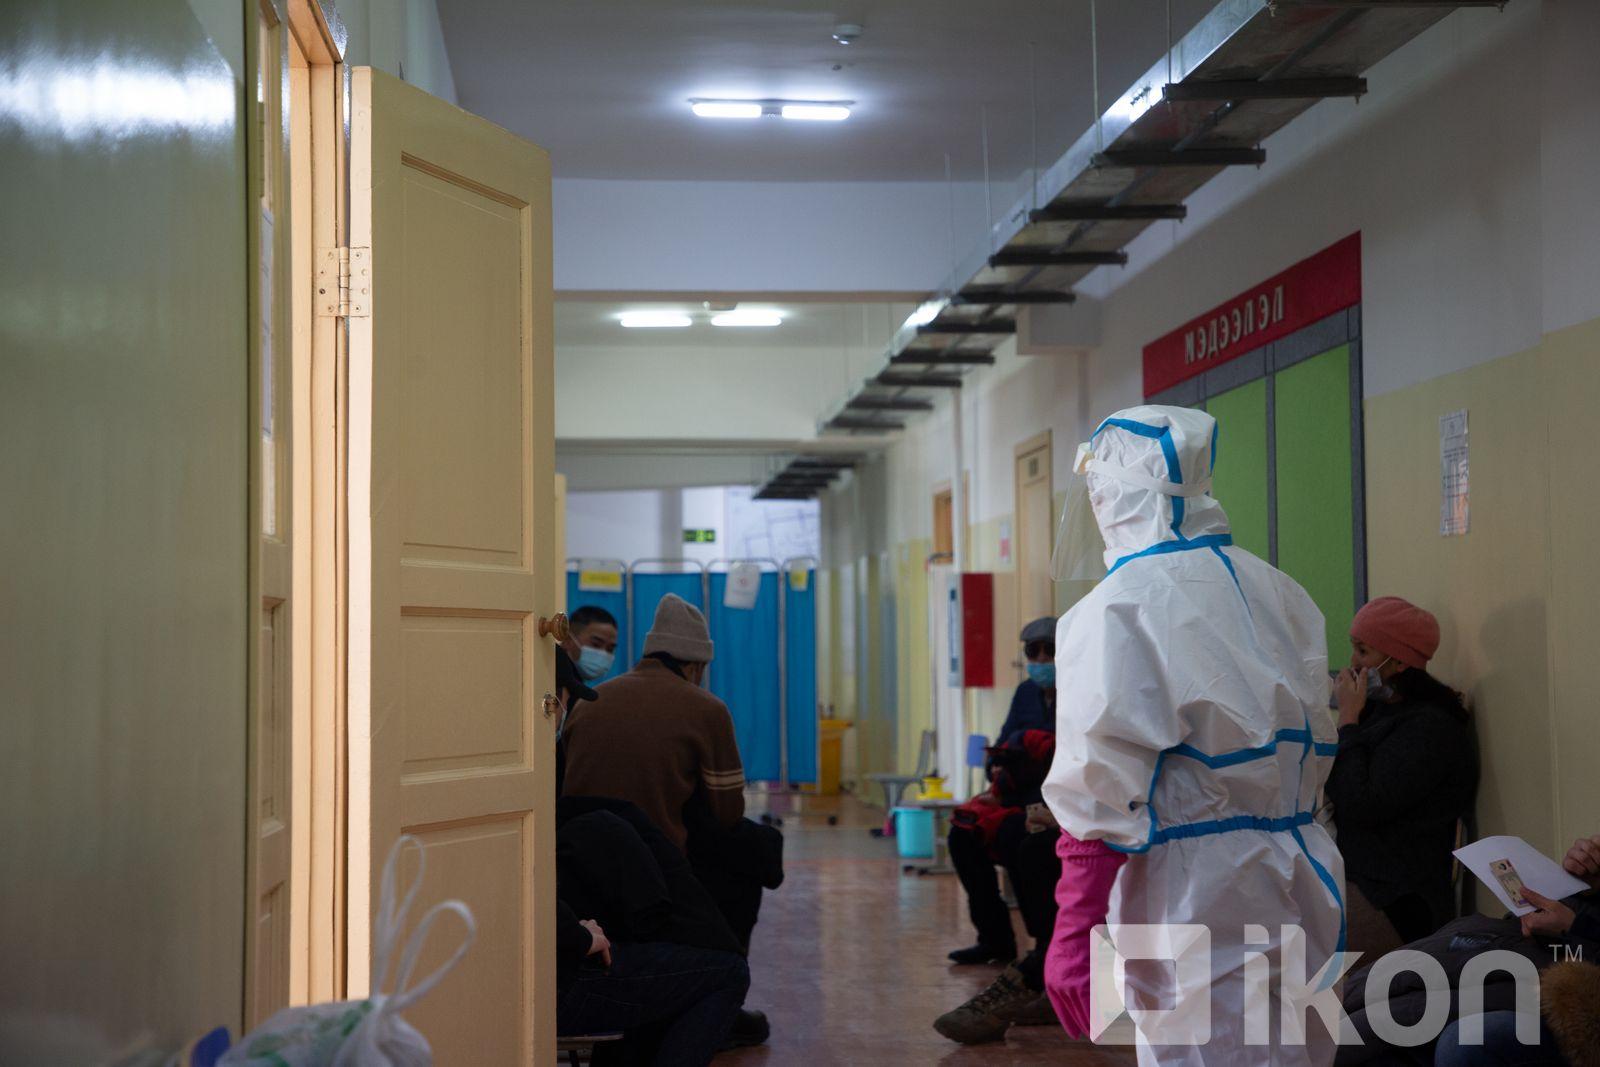 '하나의 문 한 번의 검사'로 총 102건의 감염사례가 검출되어.jpg